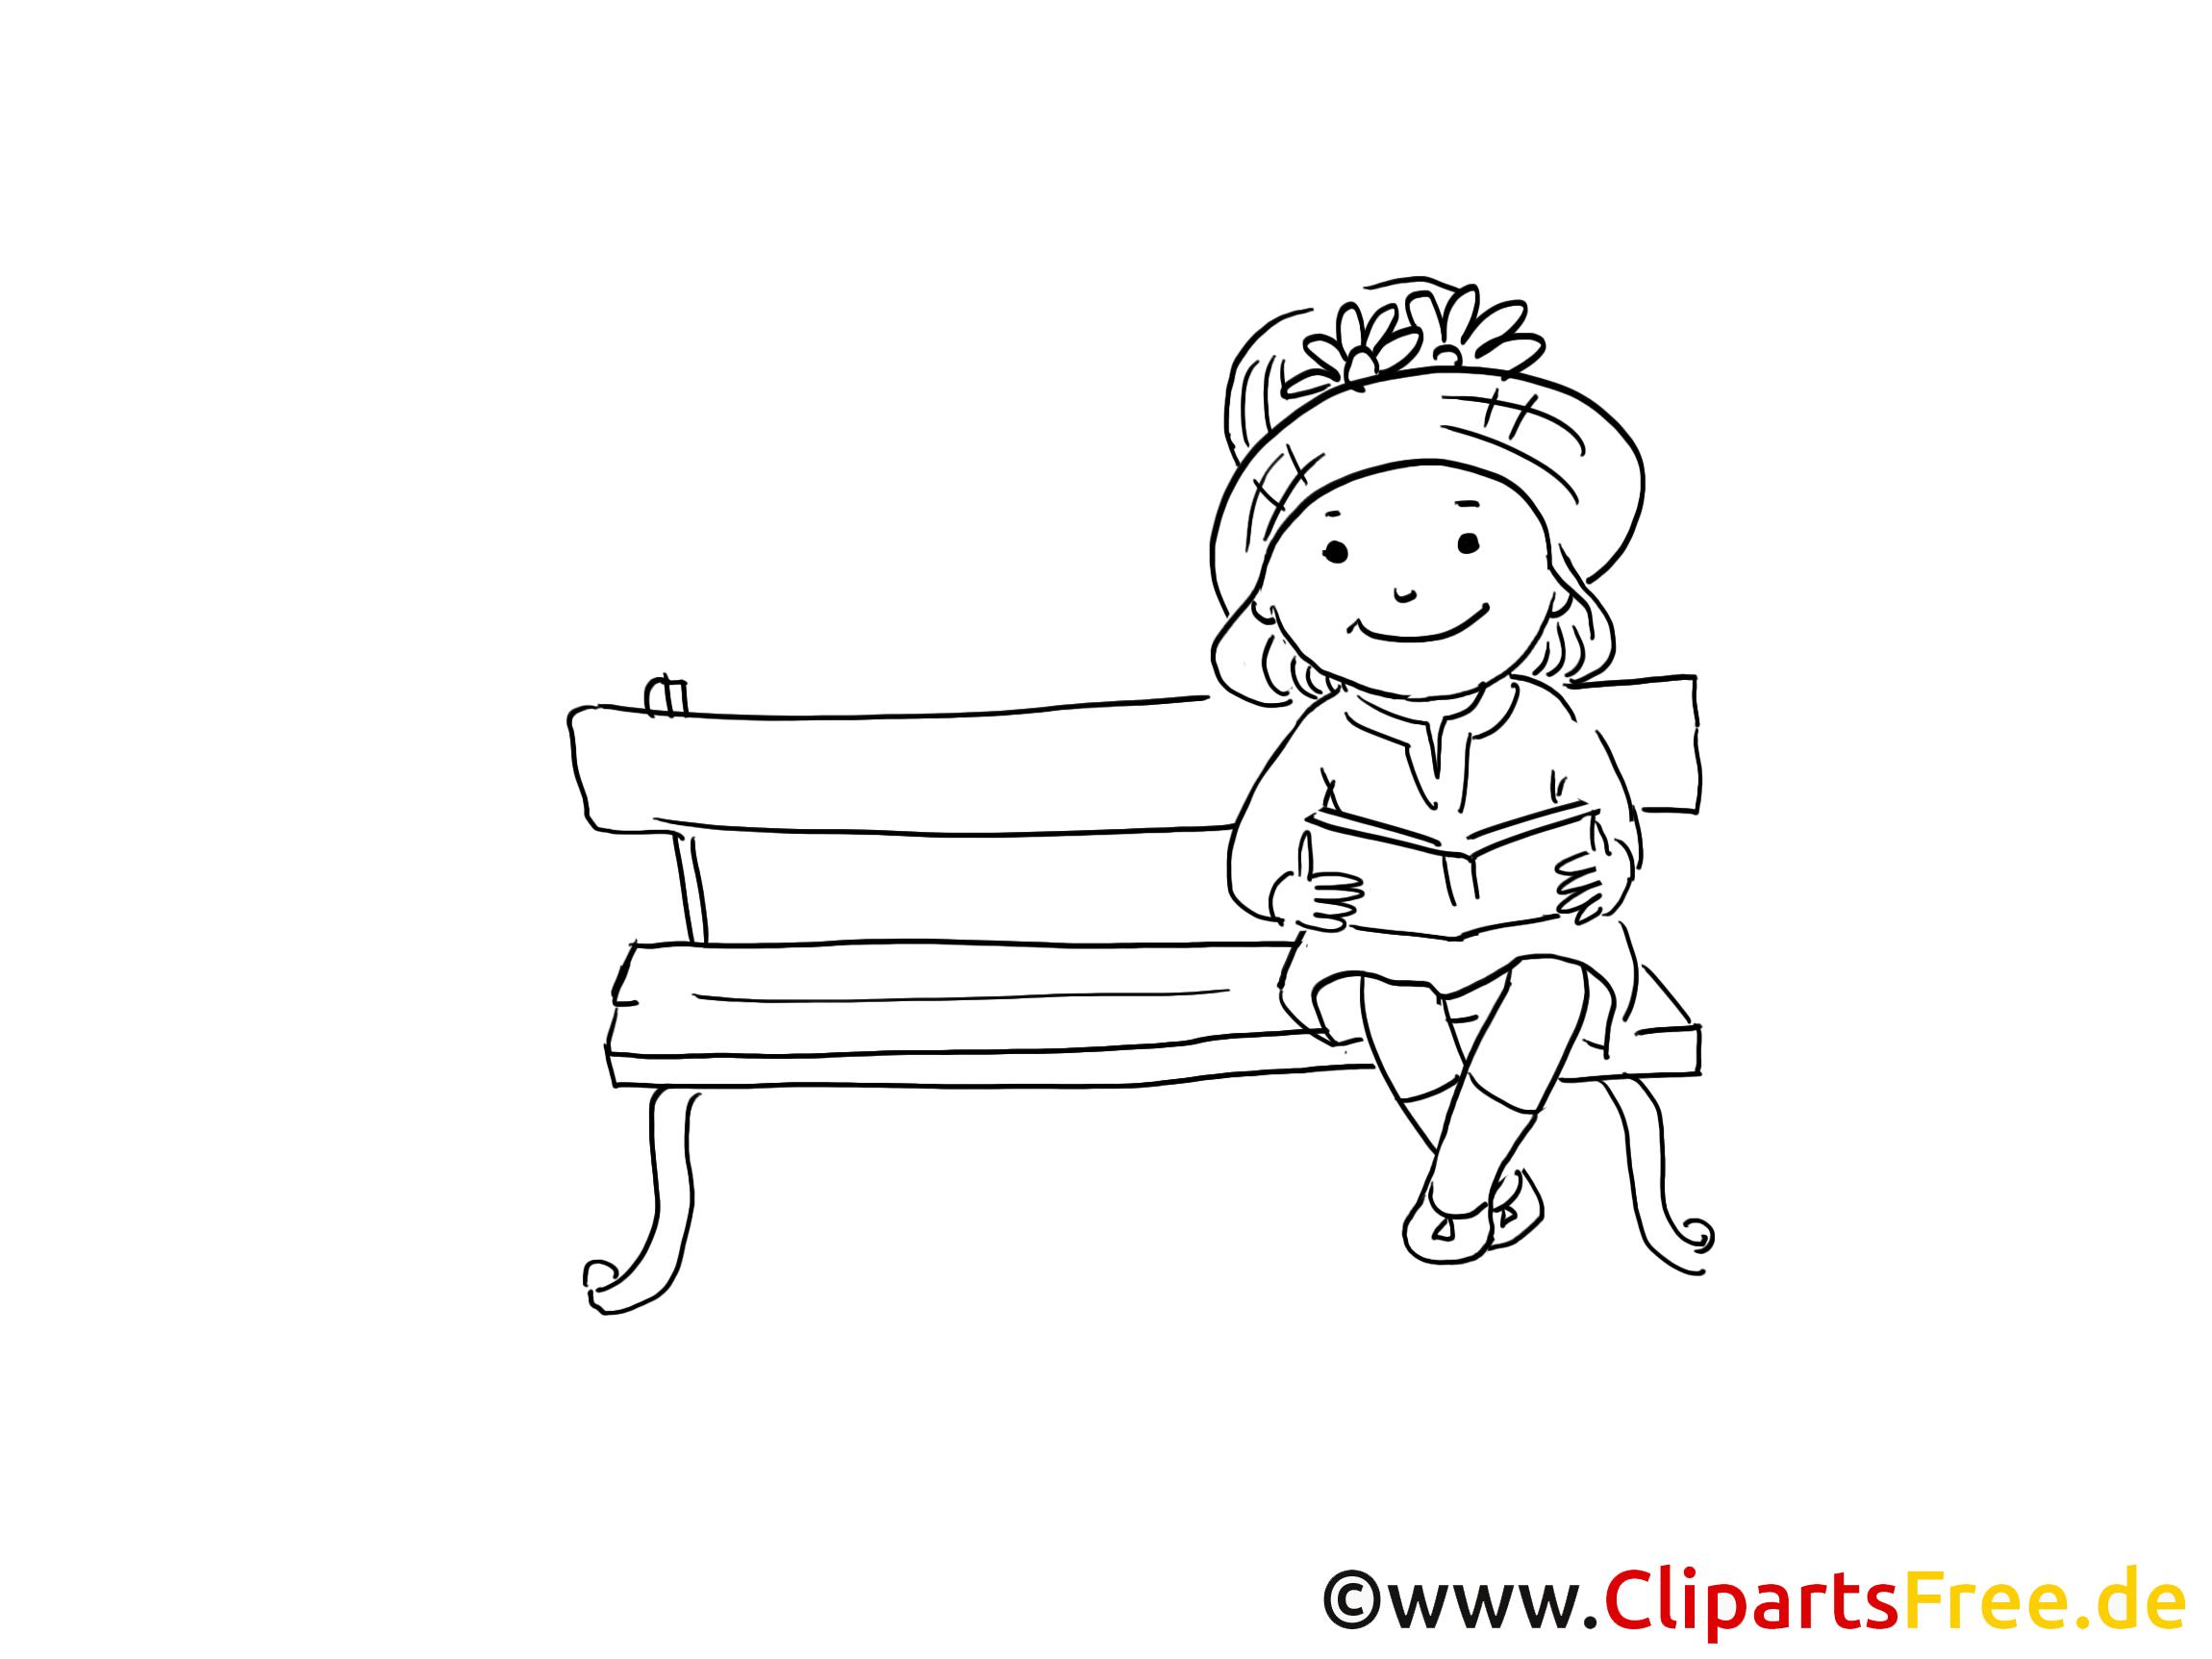 Fille sur banc coloriage clip art maternelle images p pini re cole maternelle dessin - Banc coloriage ...